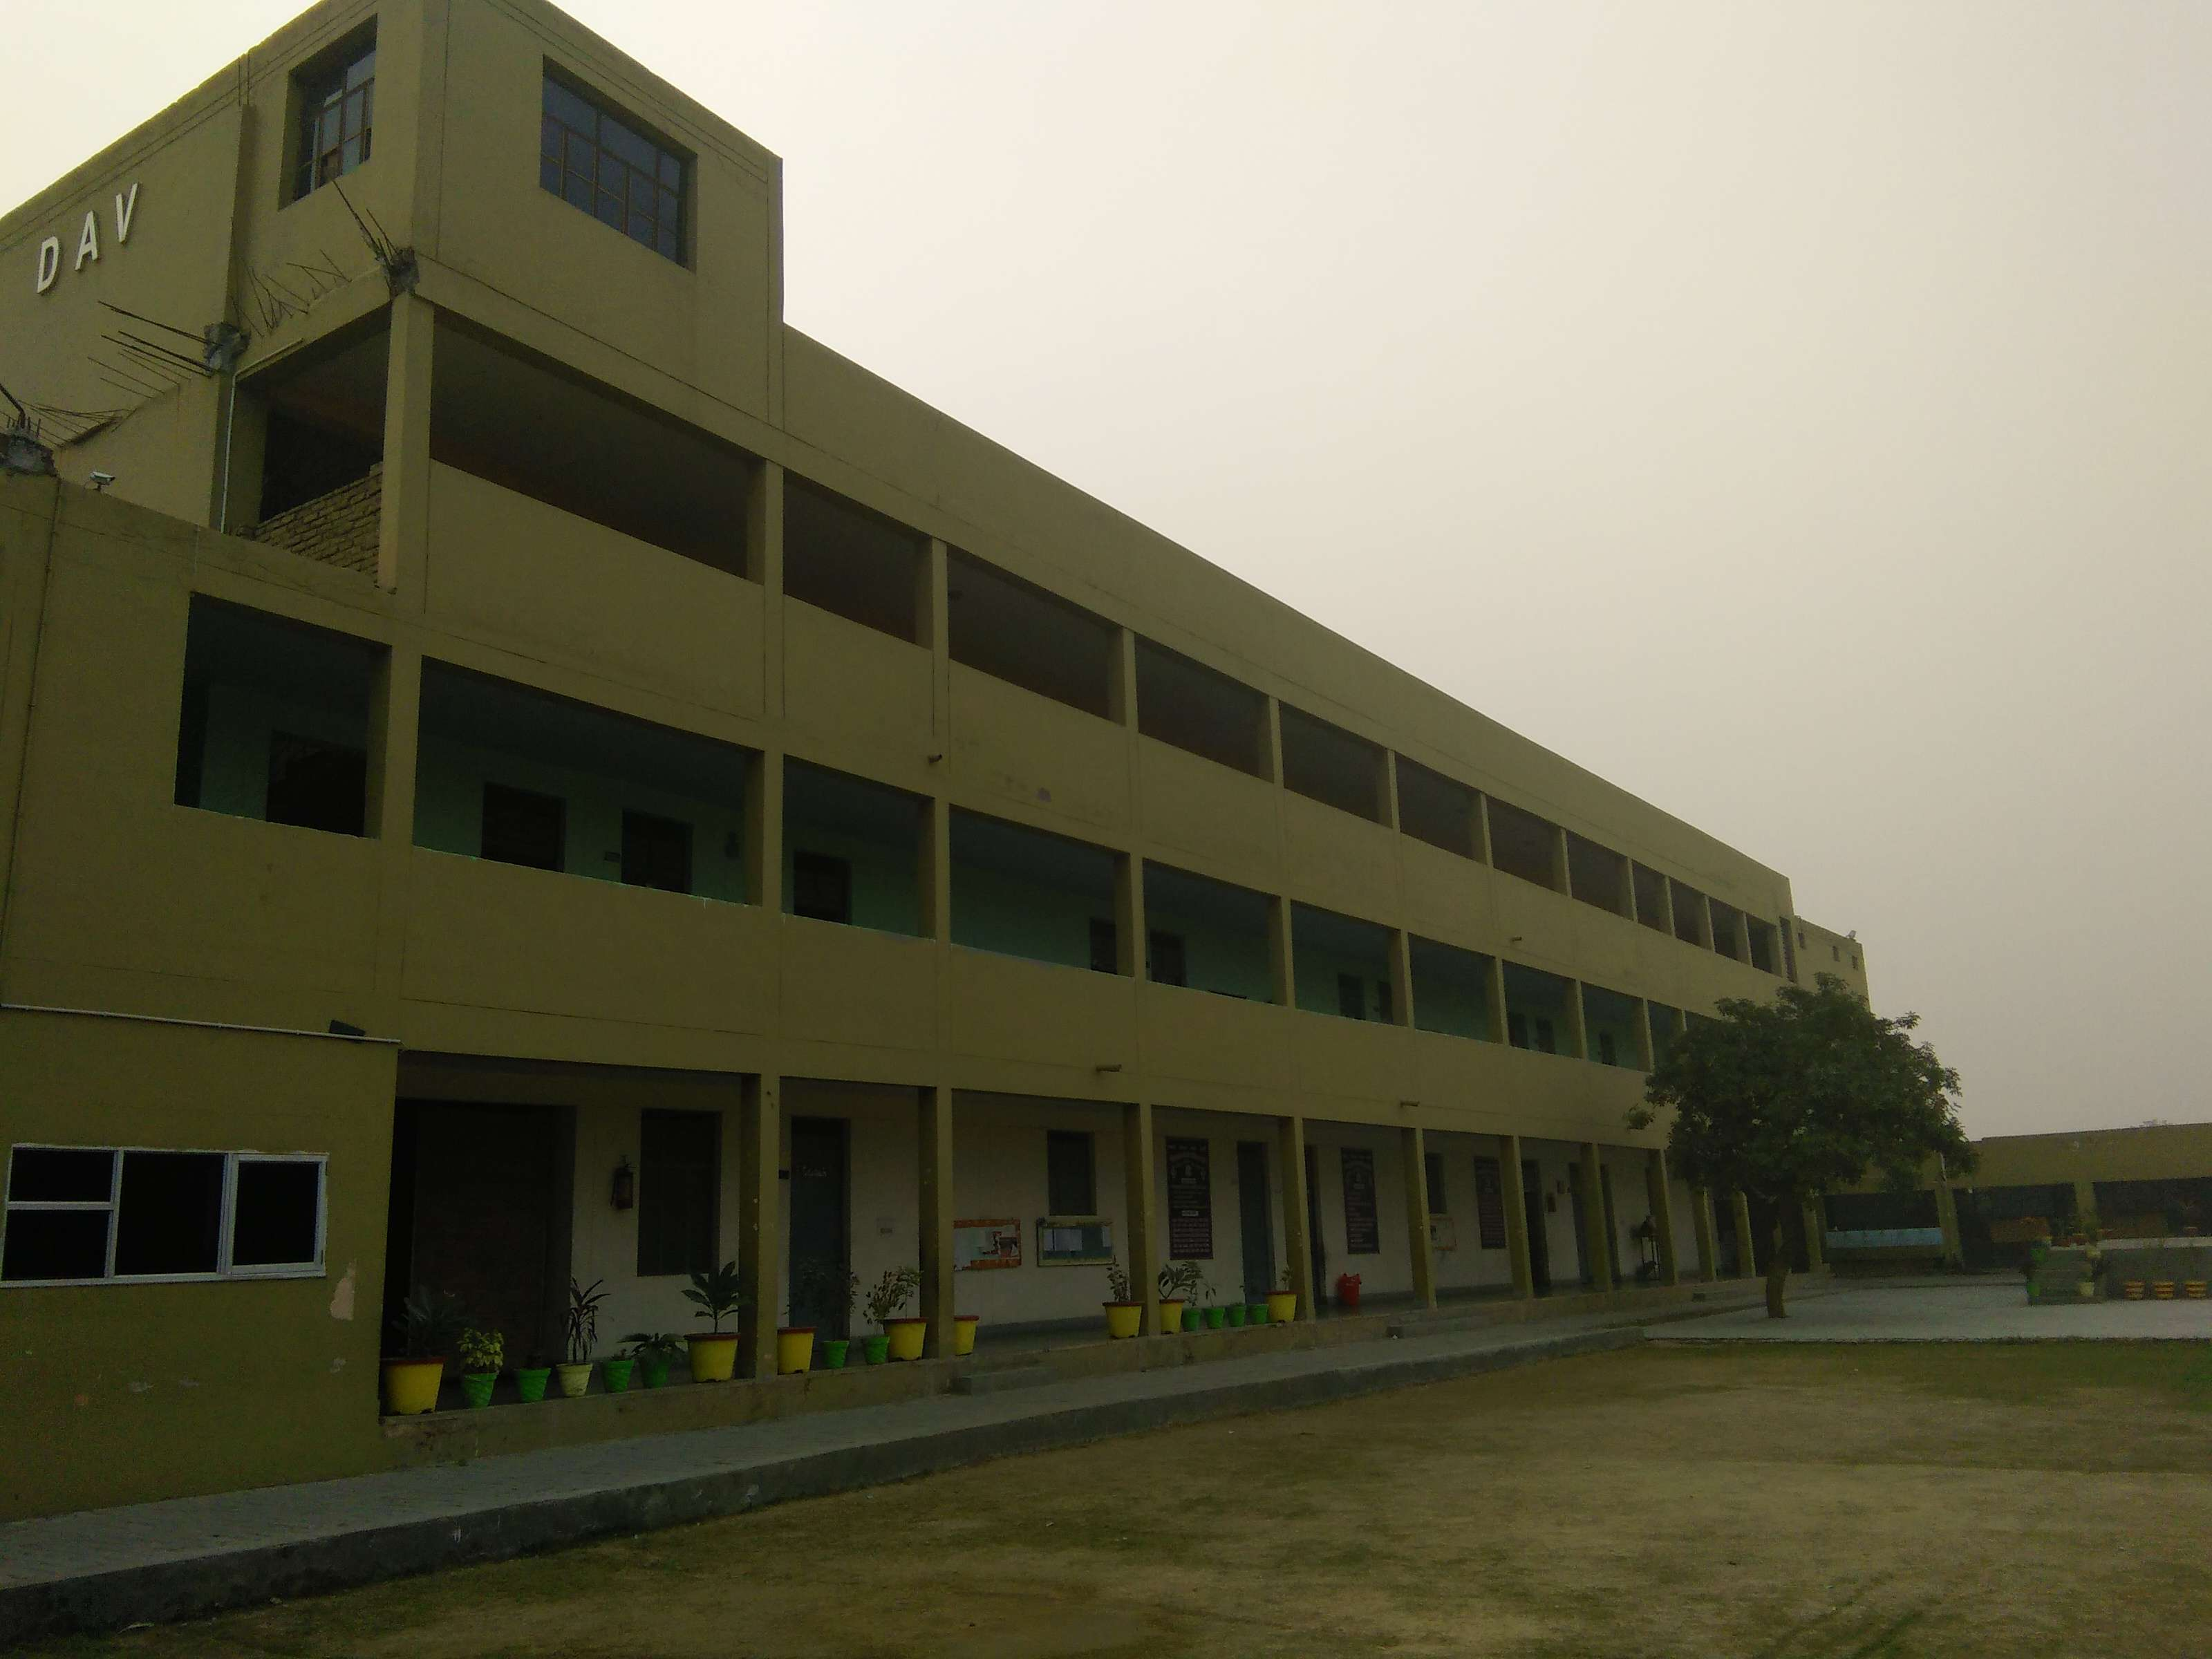 DAV PUBLIC SCHOOL DELHI ROAD HAPUR UTTAR PRADESH 2130438